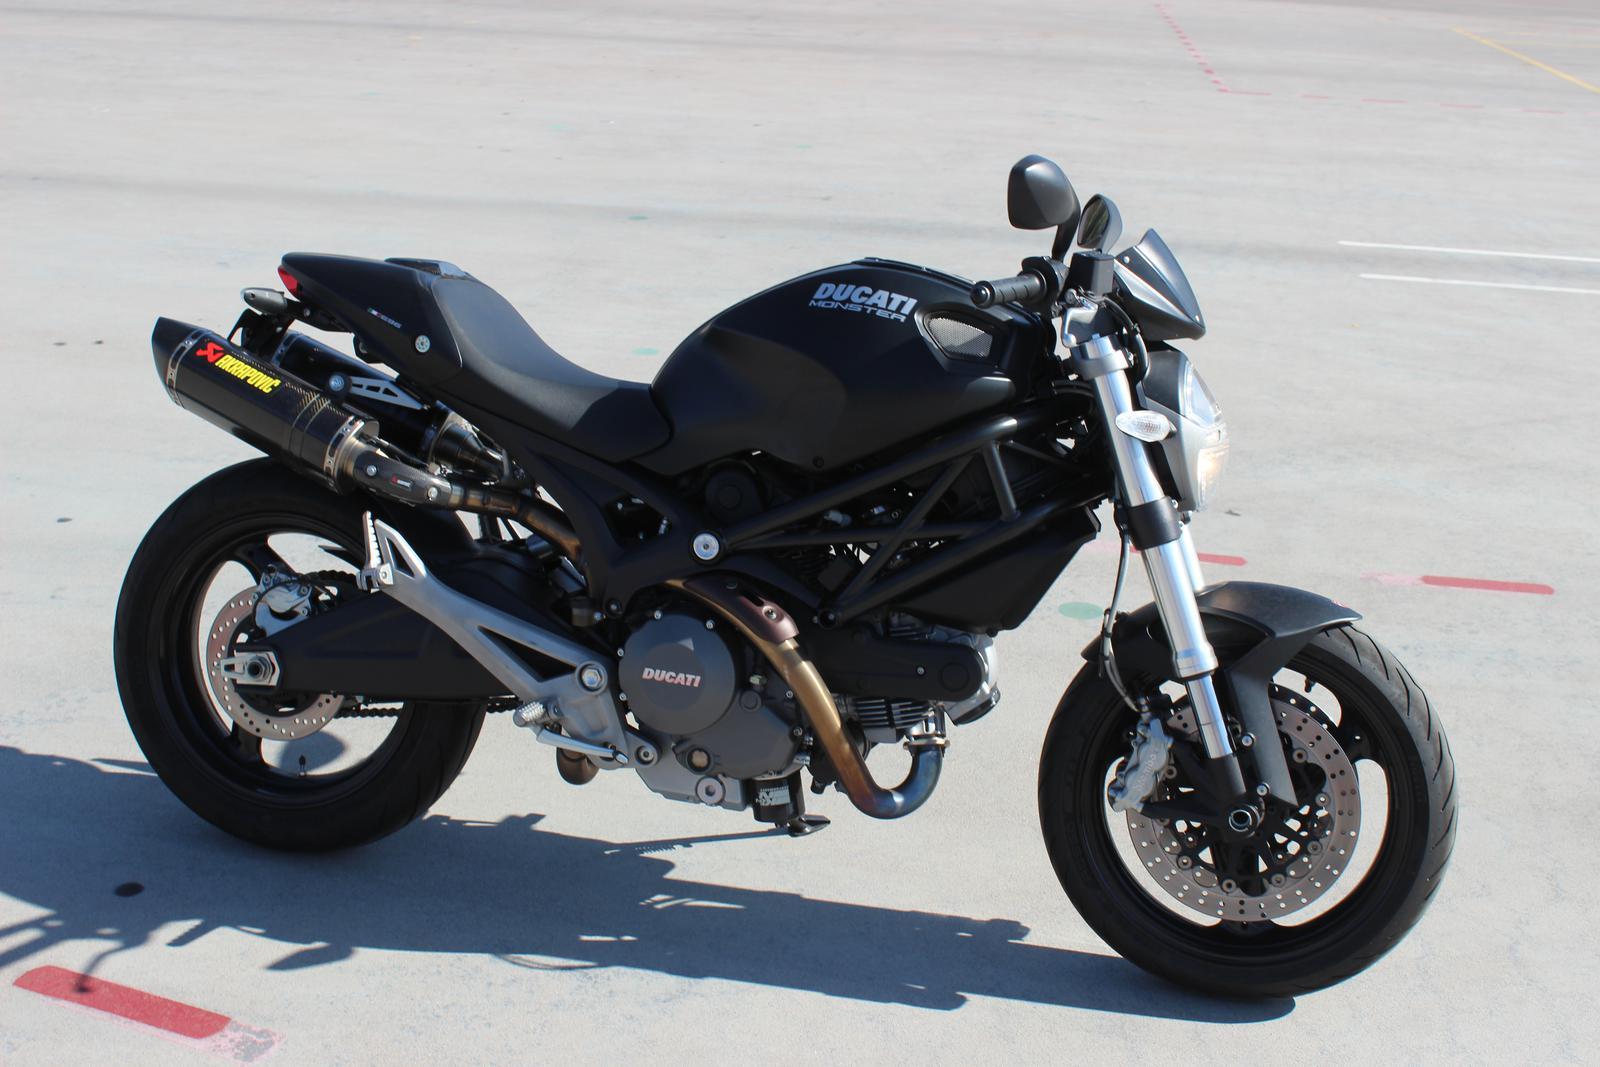 2012 Ducati Monster 696 for sale in Scottsdale, AZ | GO AZ ...